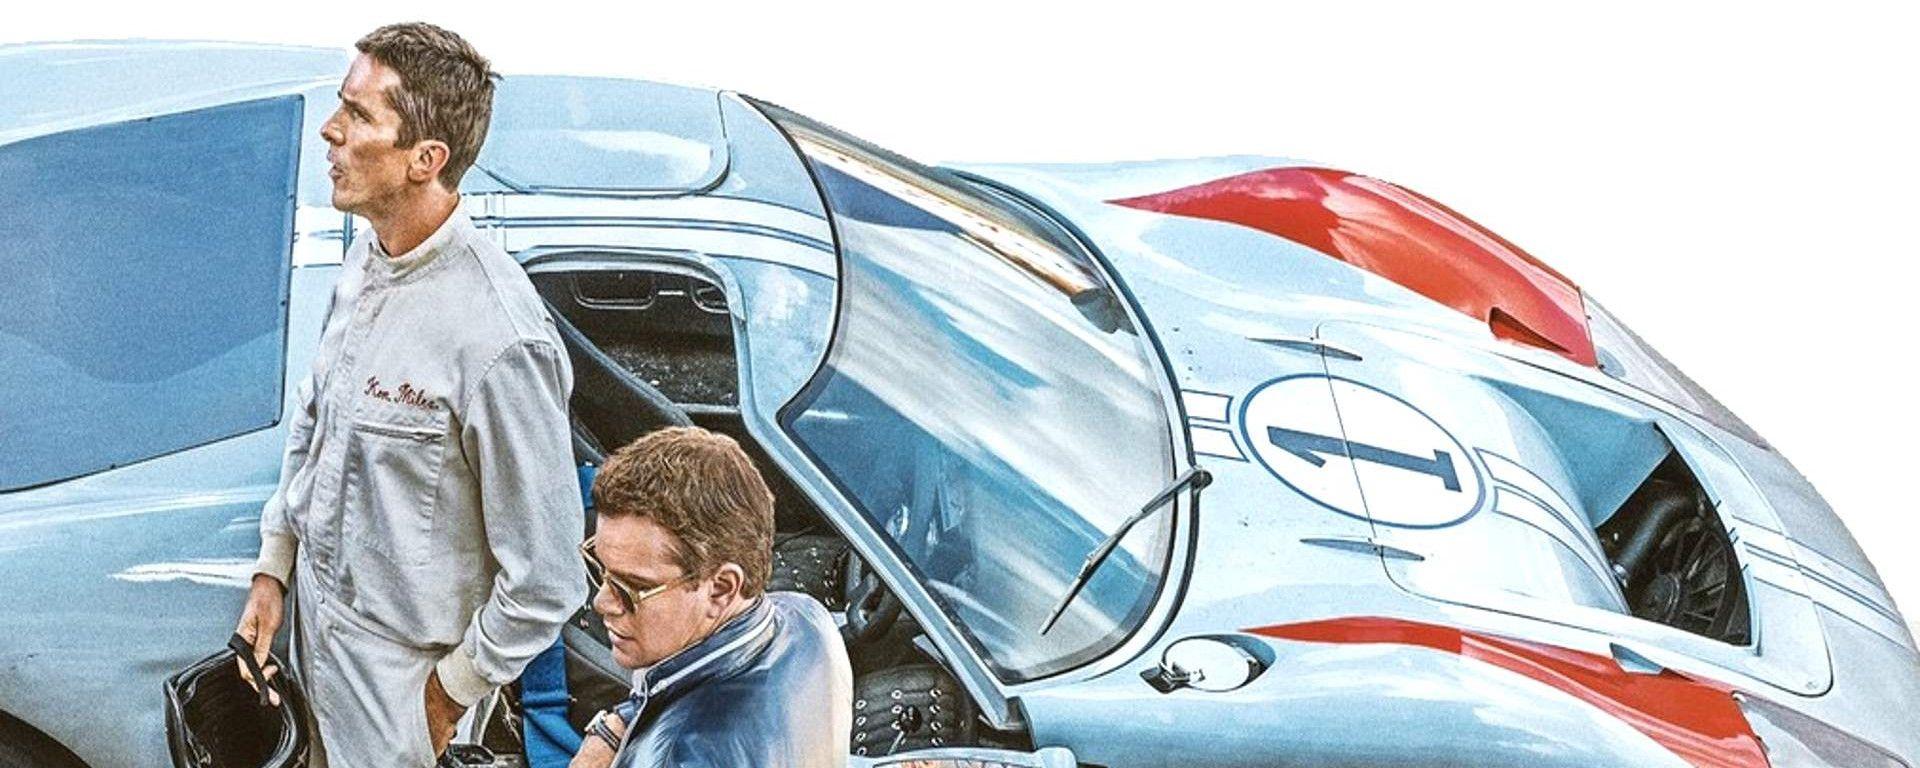 Le Mans '66 - La Grande Sfida con Christian Bale e Matt Damon